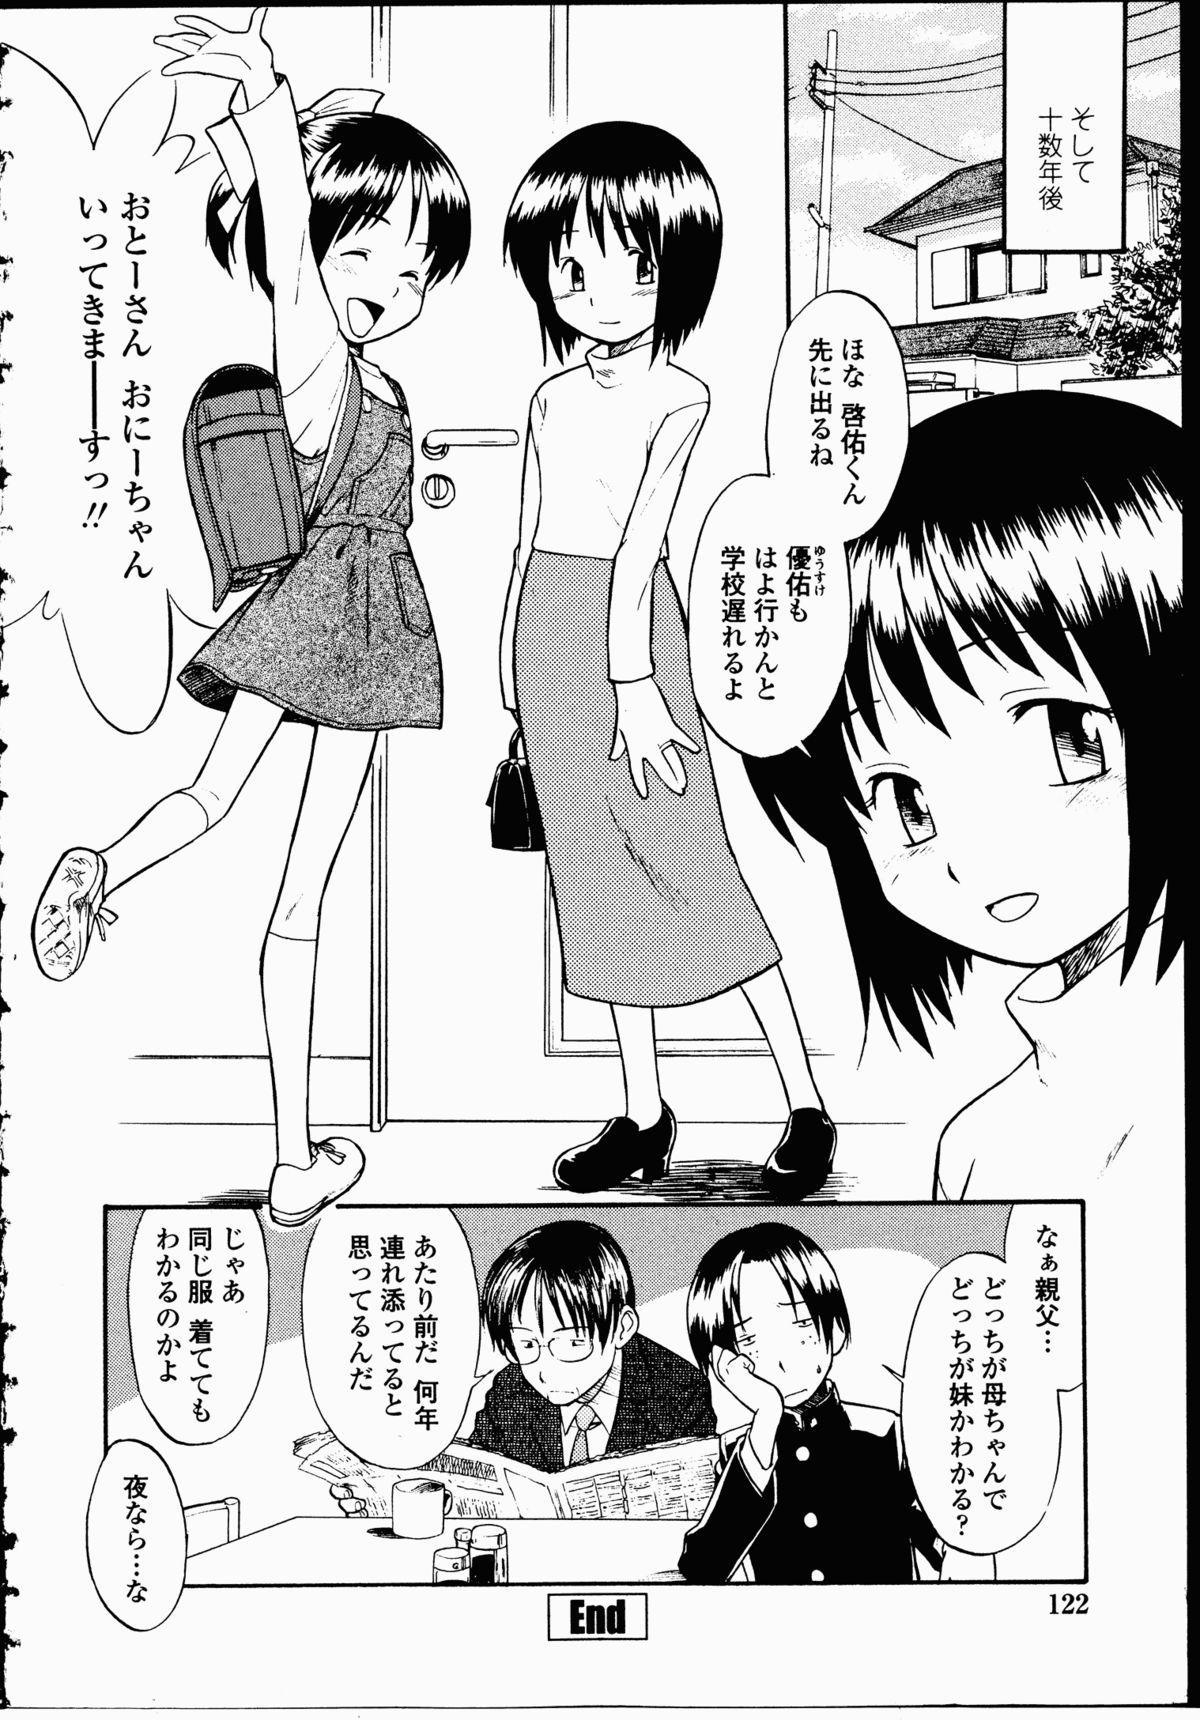 Youen Hyaku Monogatari 120